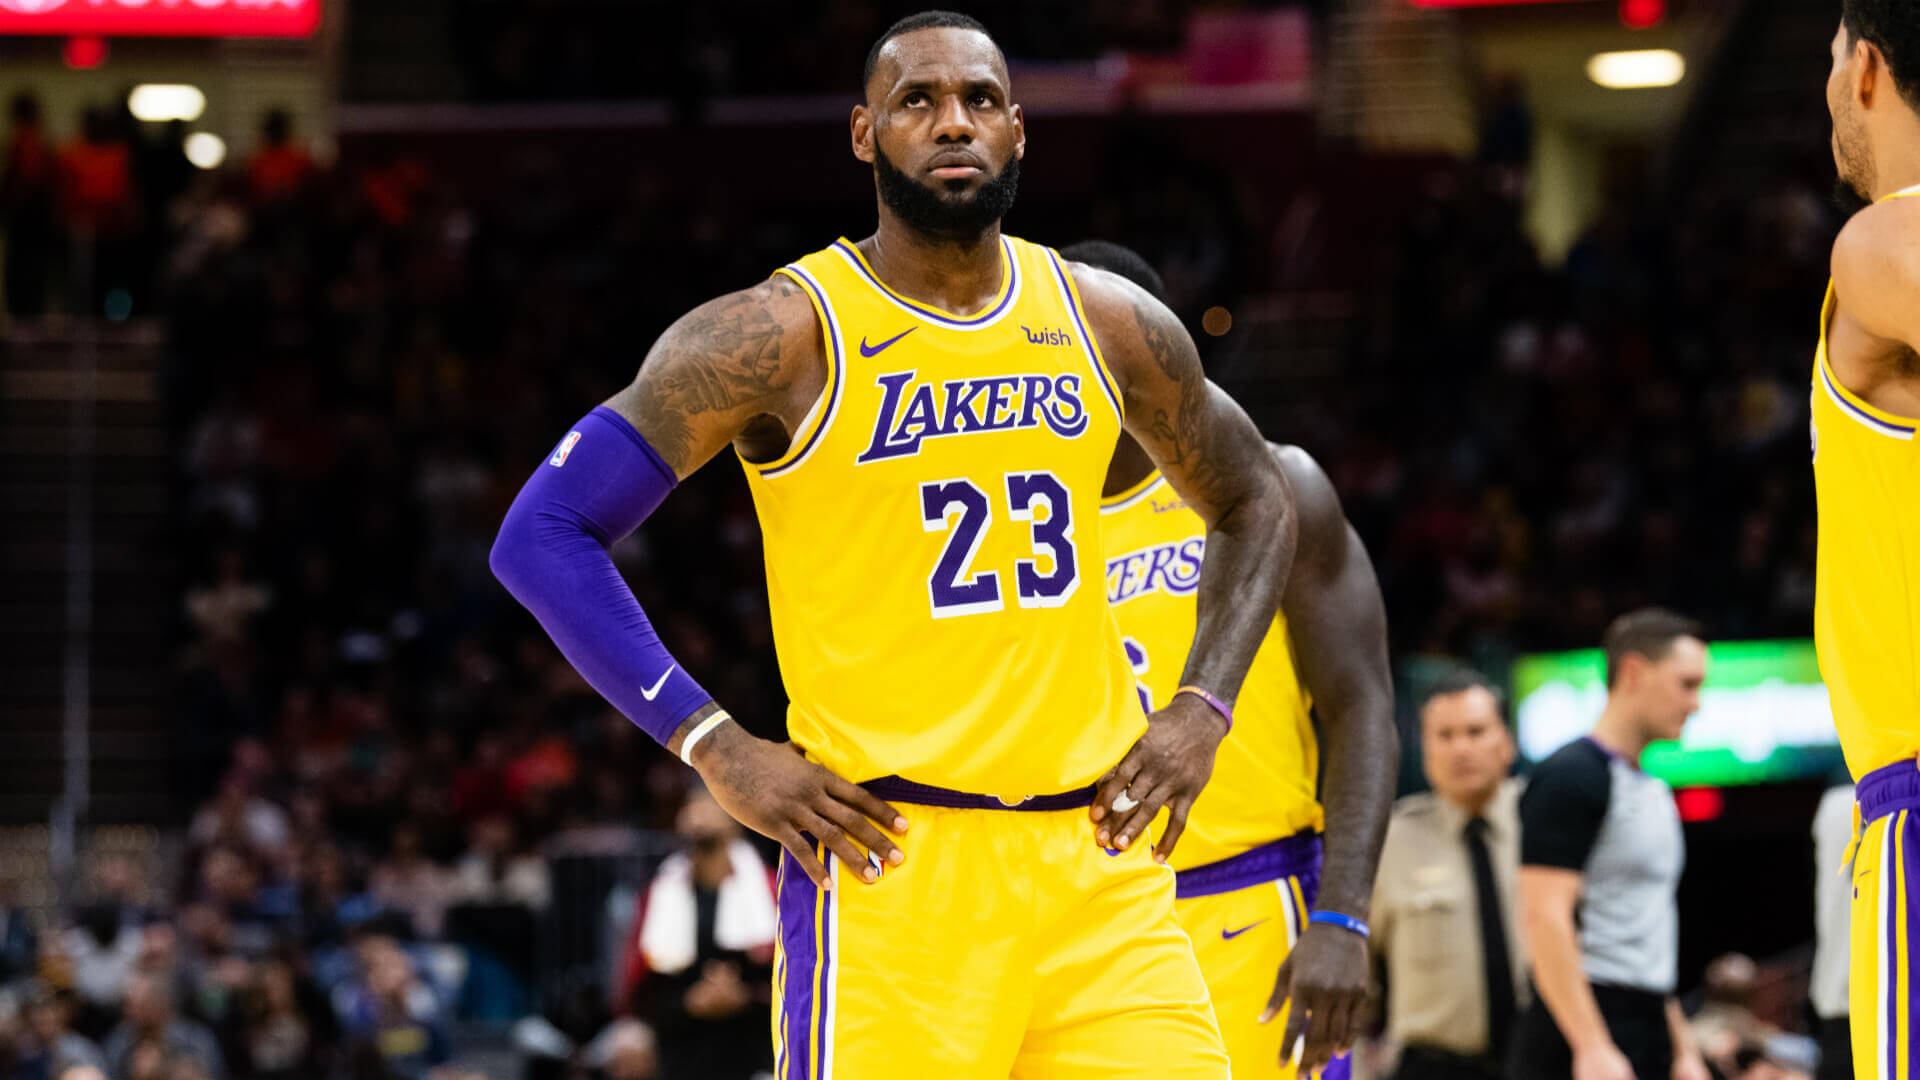 kursy na występ Lakers z Pelicans - Lebron James